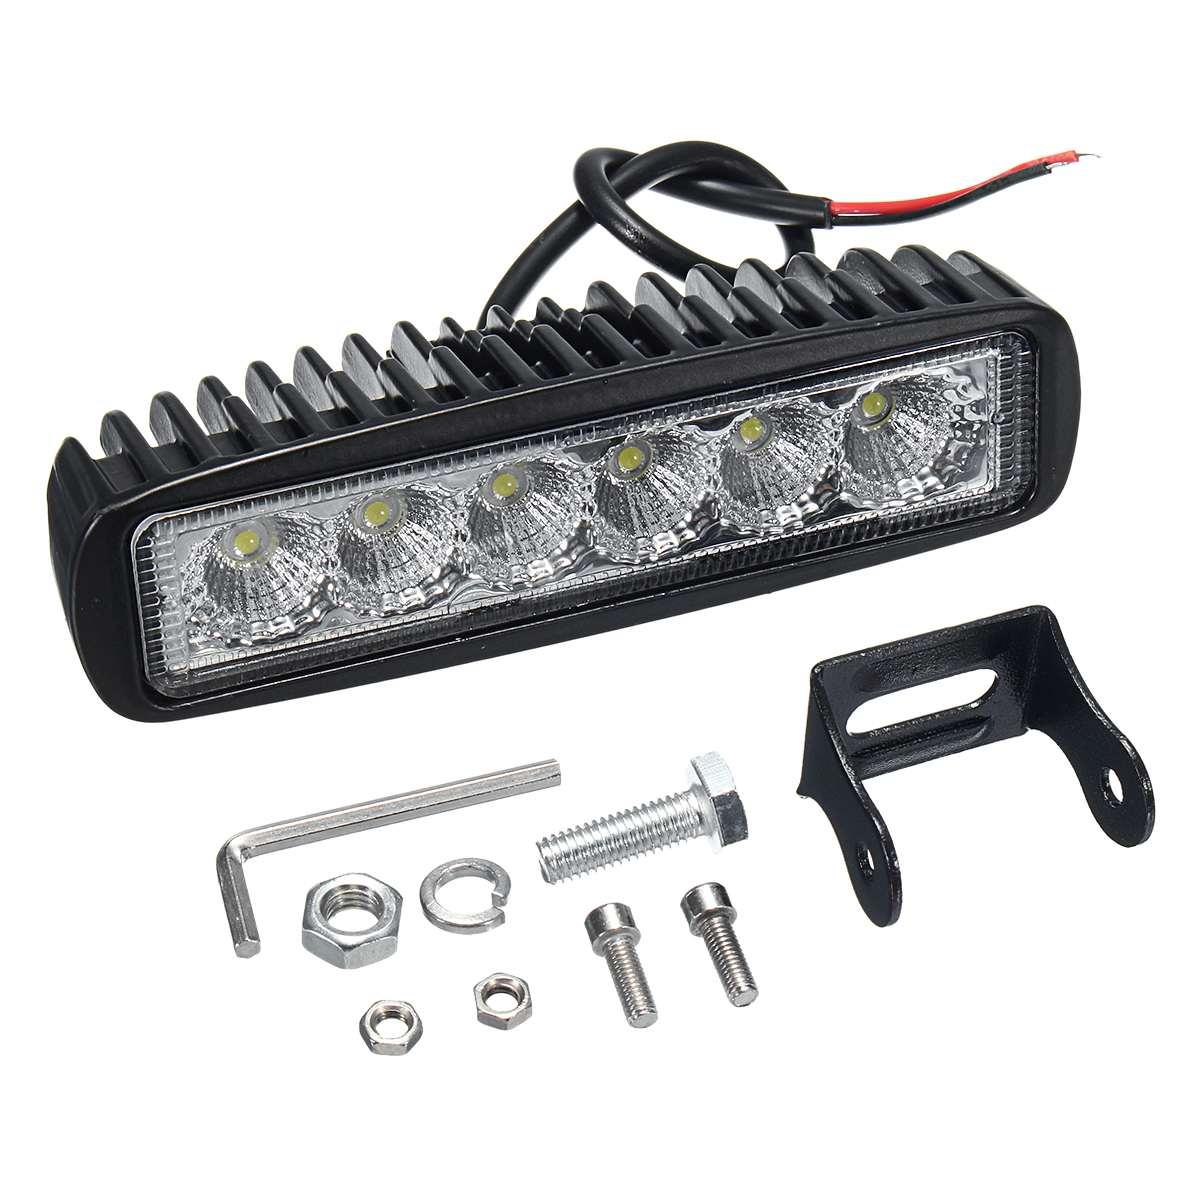 Luz LED de trabajo de inundación de ARILUX 12V 18W 6LED impermeable, lámpara de Camping de barco y camión de motocicleta nueva